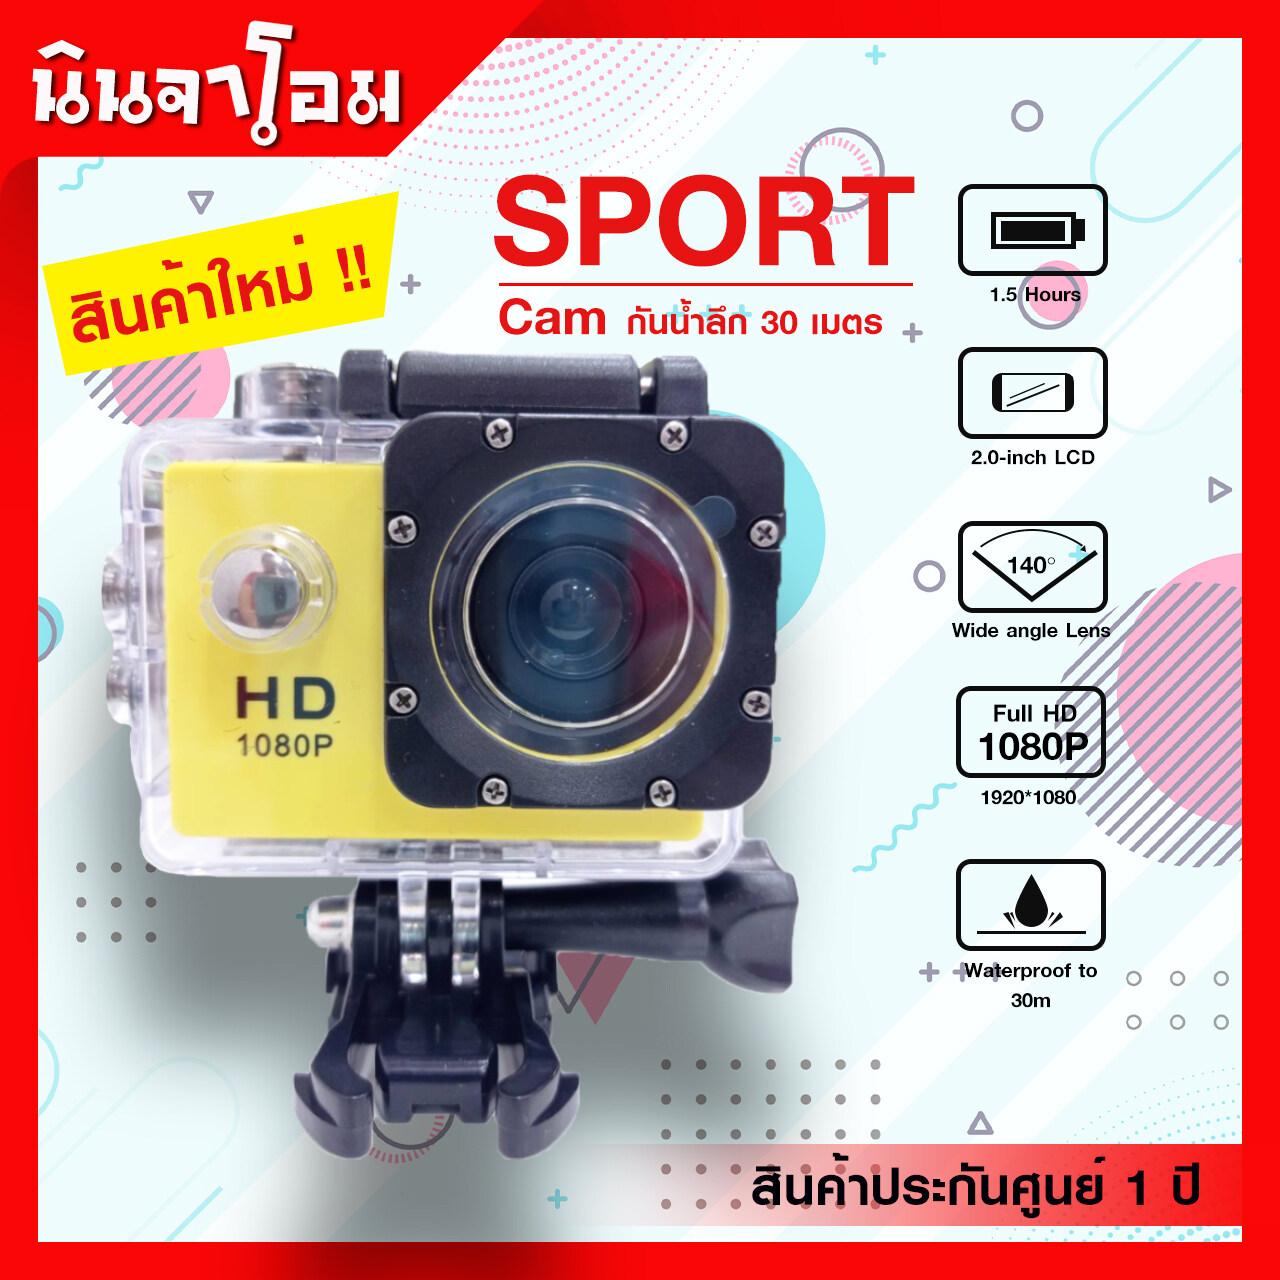 กล้องกันน้ำ Sport Camera Full Hd 1080p จอ 2.0นิ้ว W7.